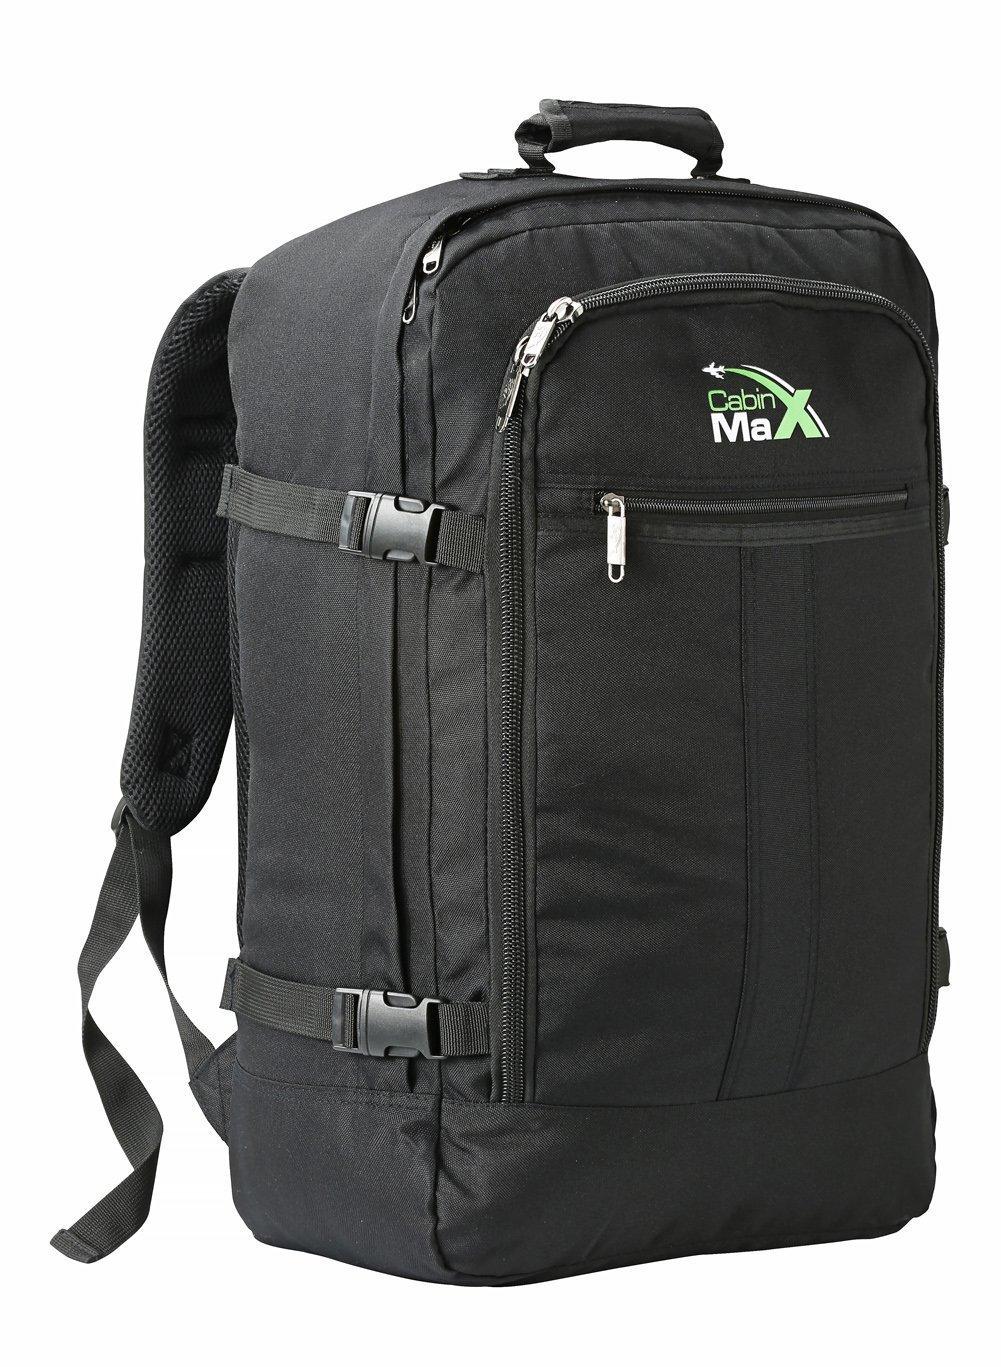 Handgepäck-Rucksack